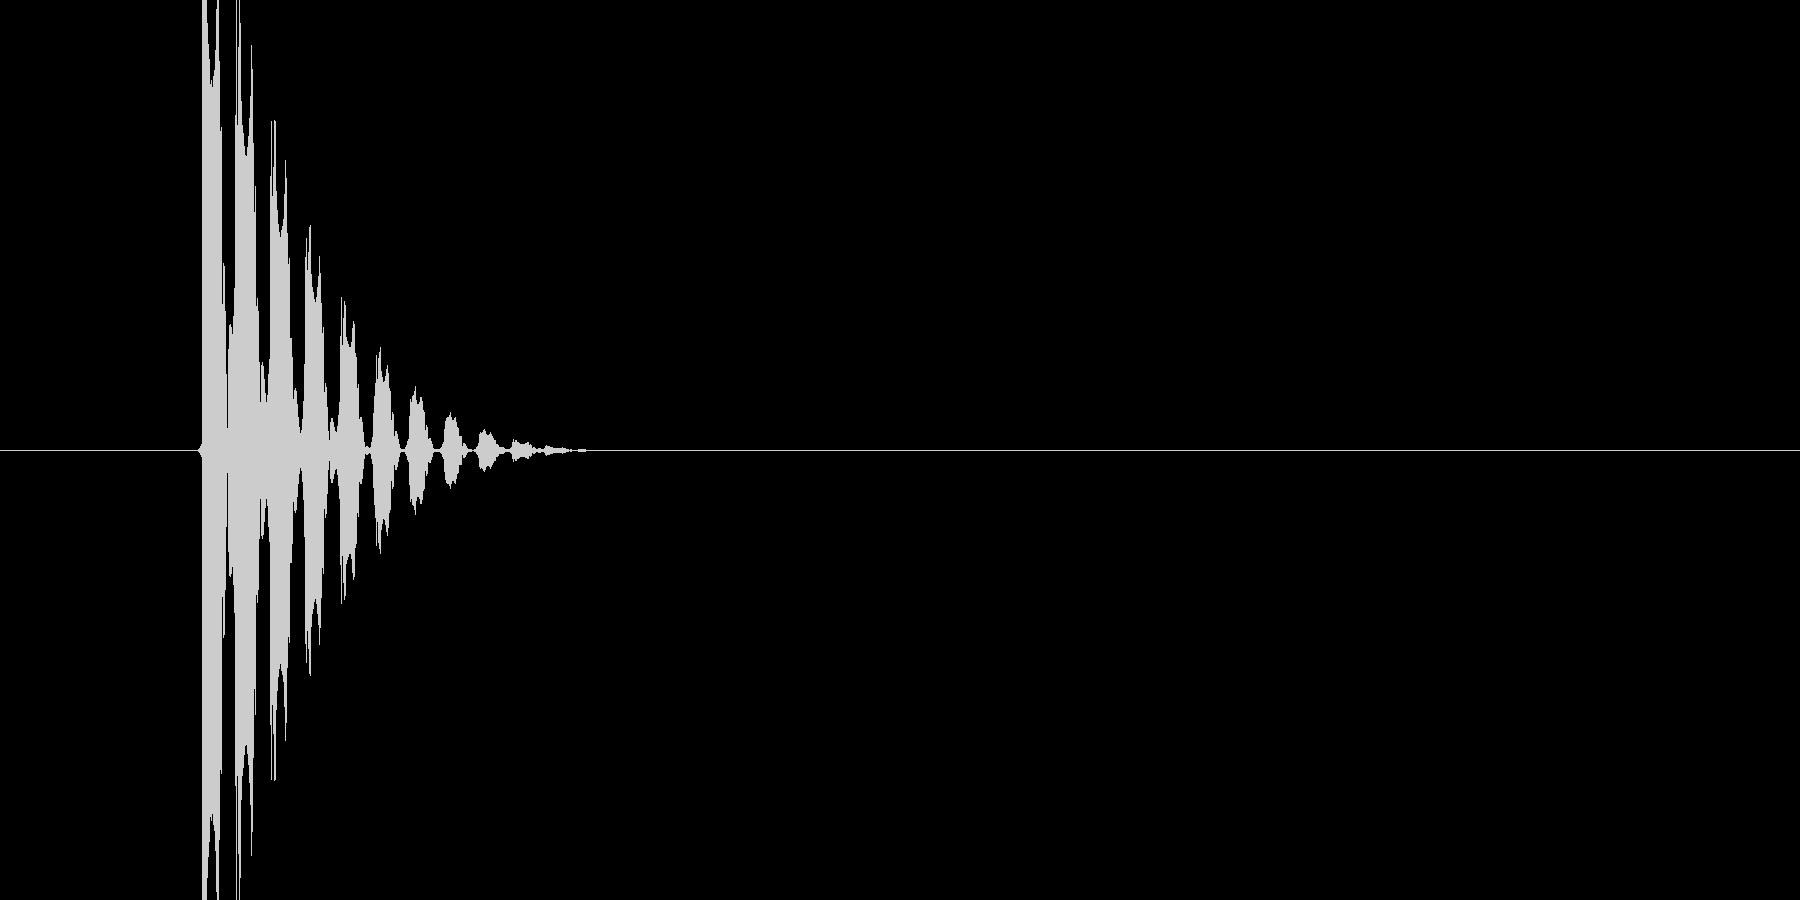 キャラクターが拗ねた時のSE(高めの音)の未再生の波形